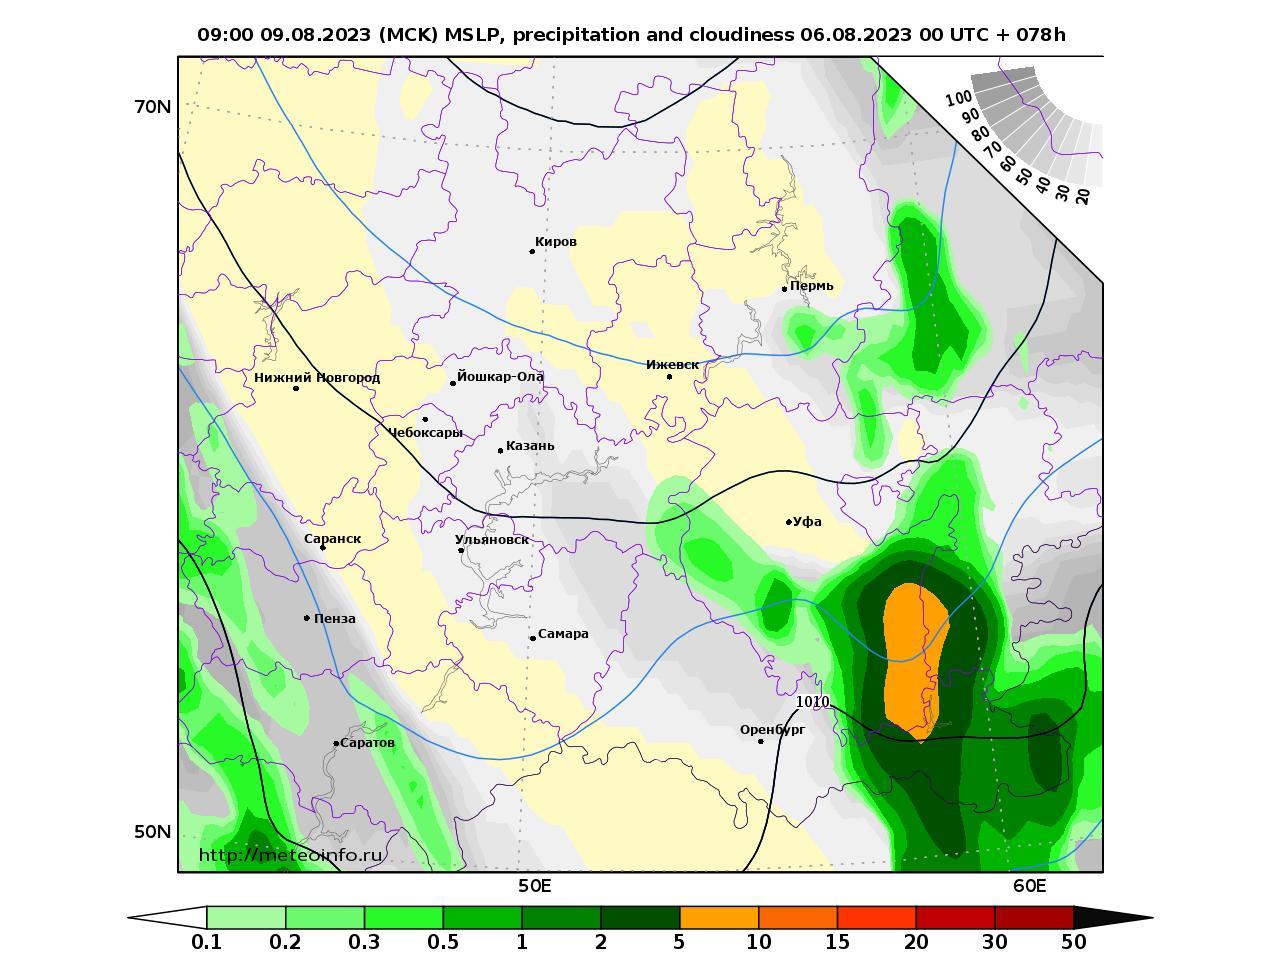 Приволжский Федеральный округ, прогностическая карта осадки и давление, заблаговременность прогноза 78 часов